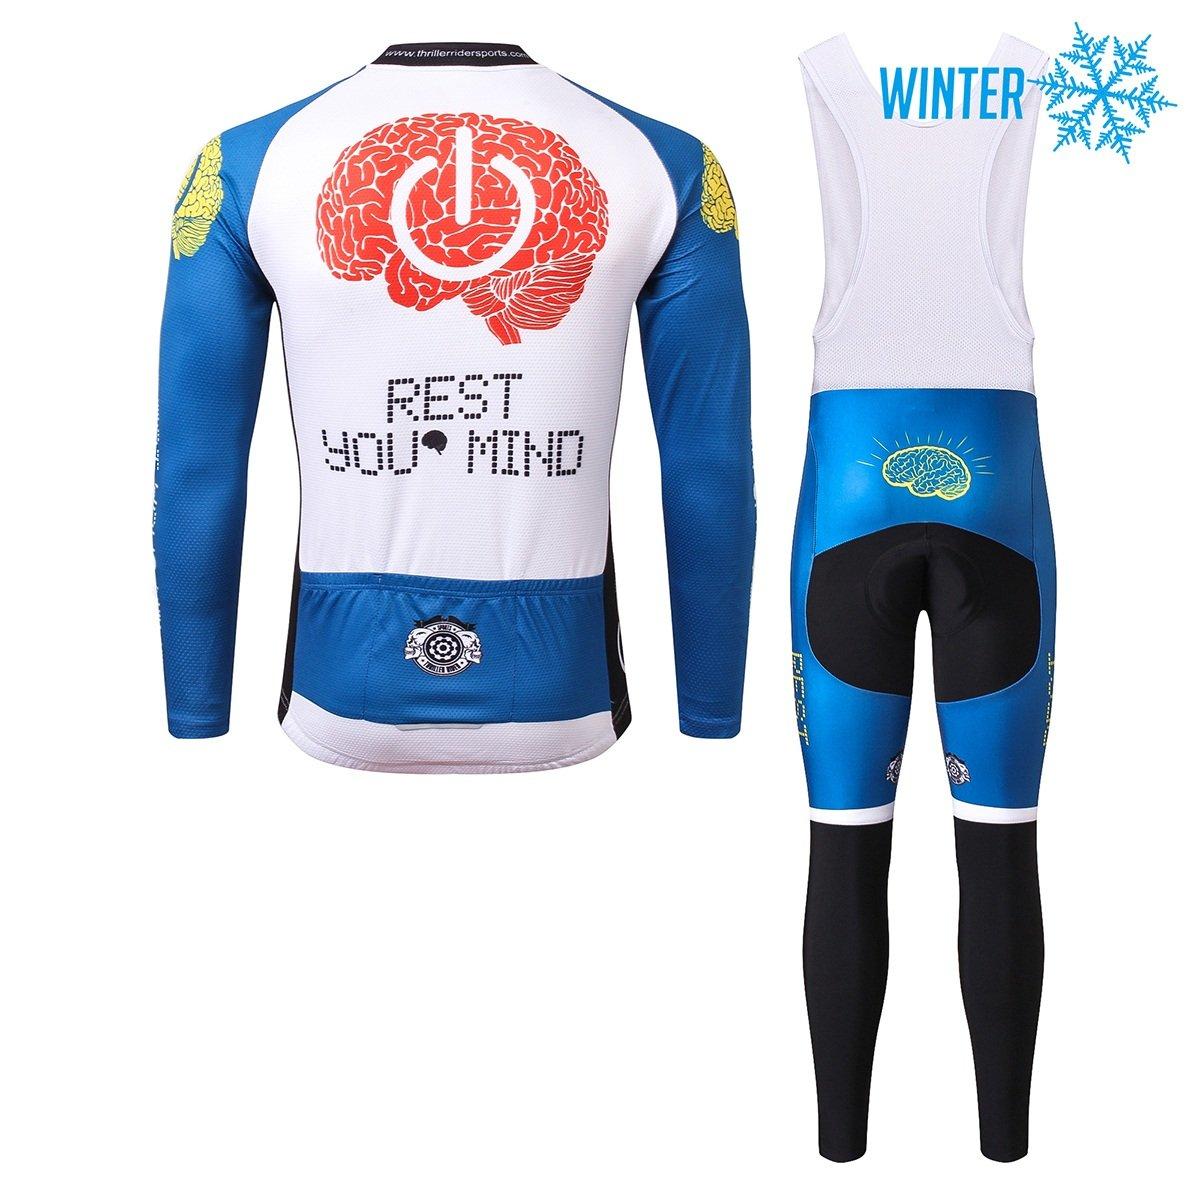 Thriller Rider Sports/® Uomo Rest Your Mind Sport e Tempo Libero Abbigliamento Ciclismo Magliette Manica Lungo